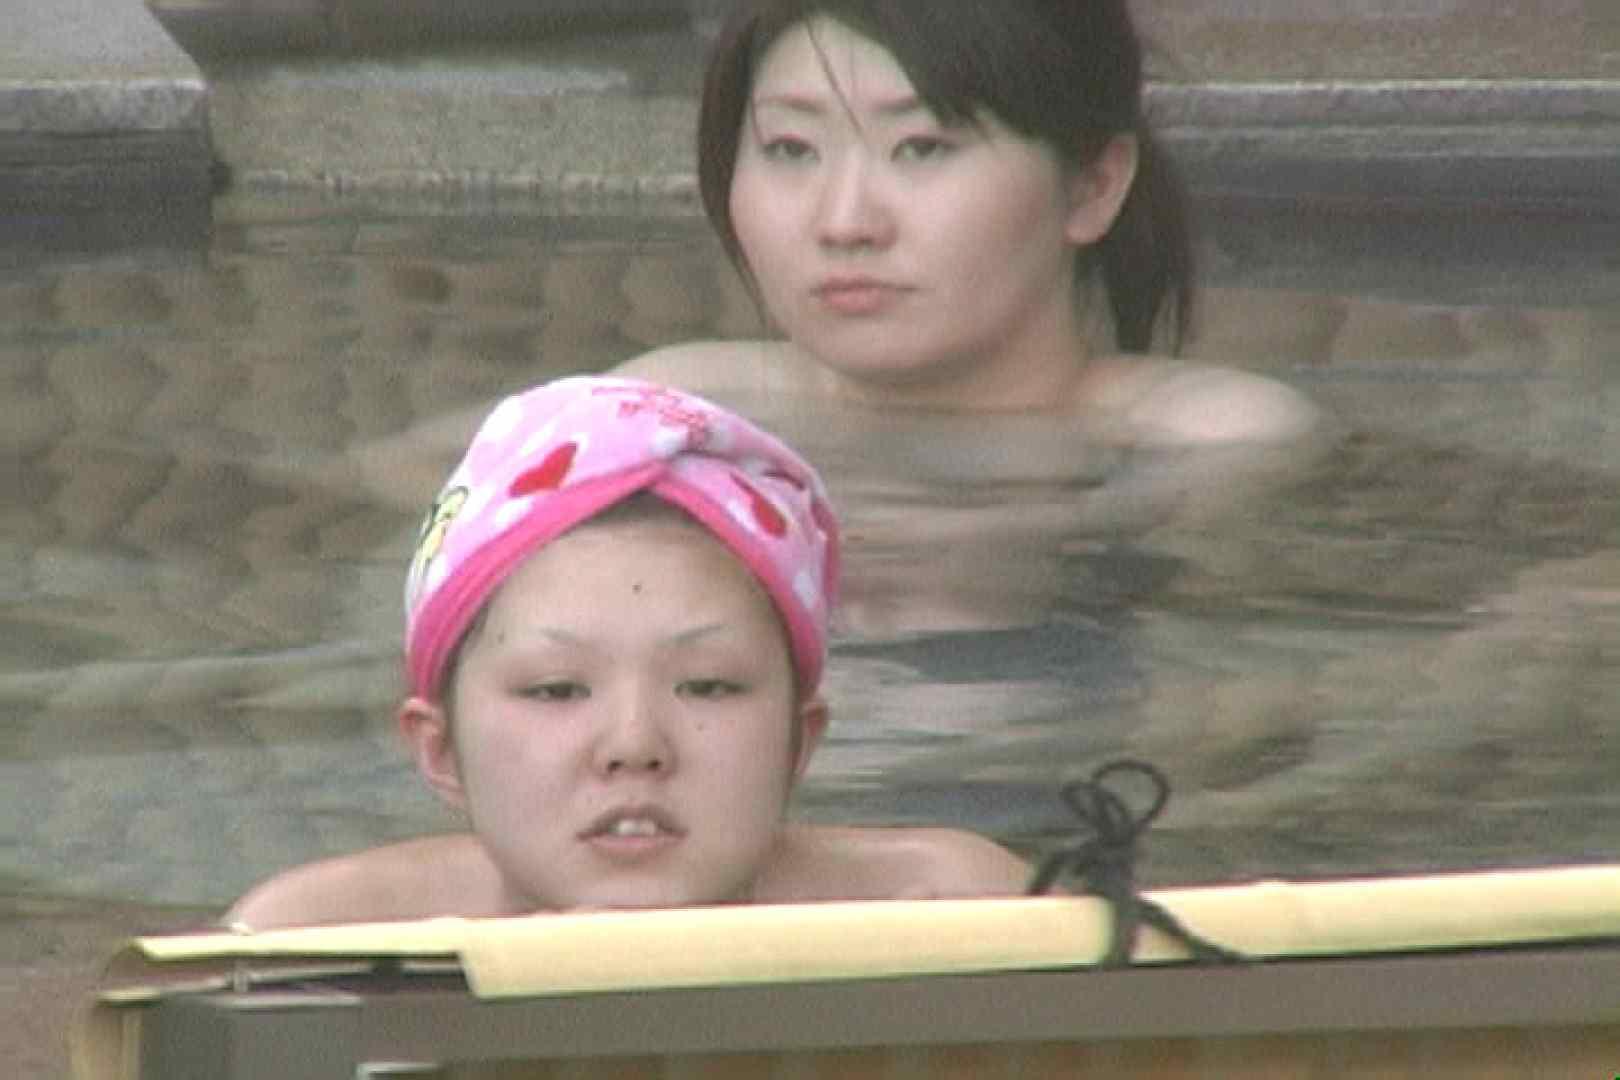 Aquaな露天風呂Vol.25 露天   盗撮特集  106画像 67